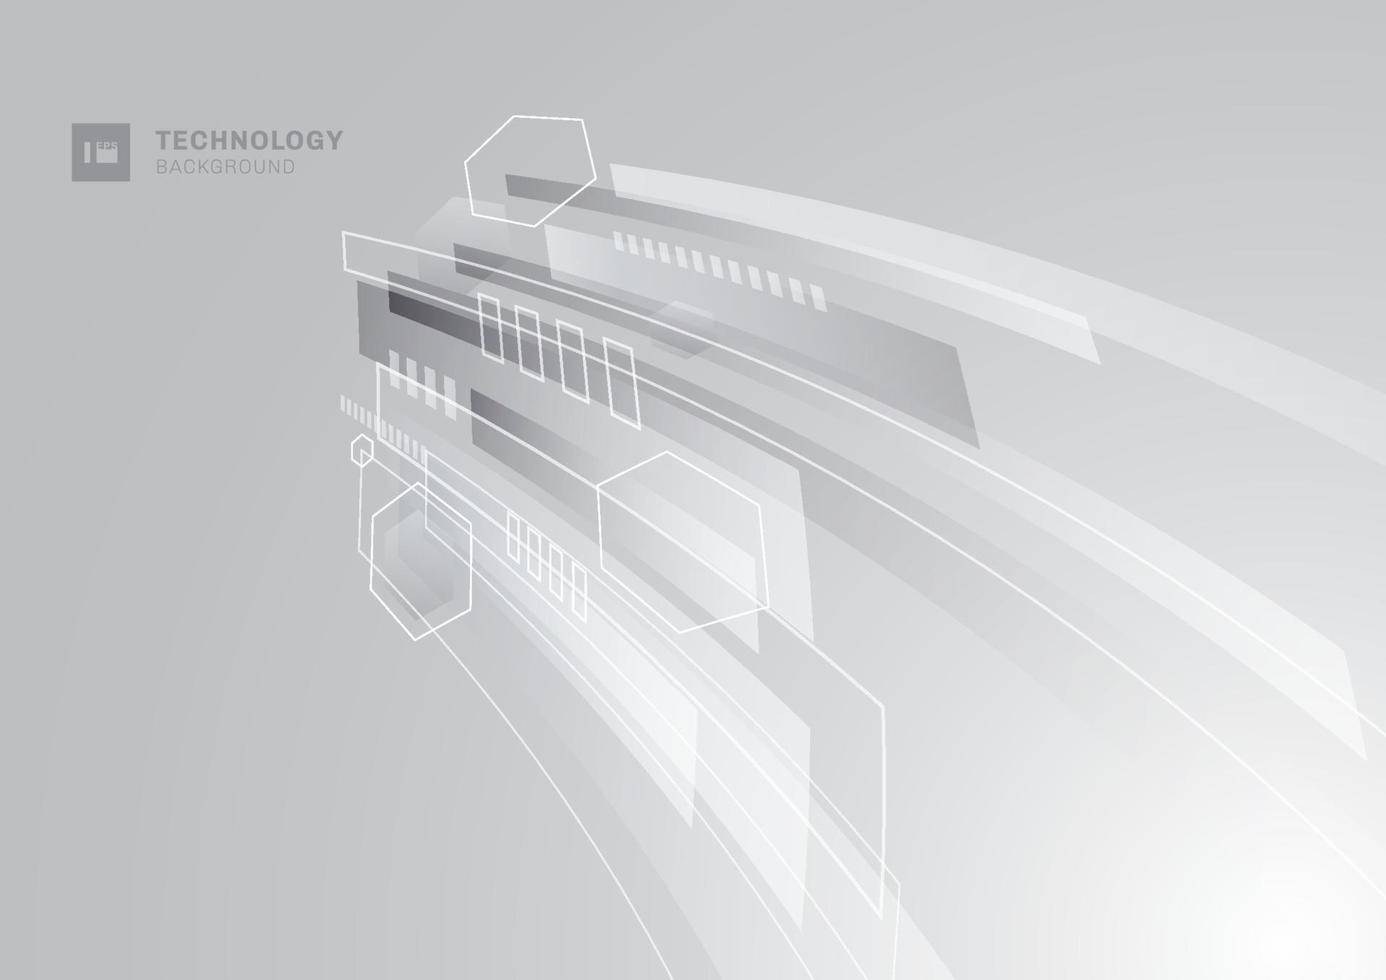 abstraktes Technologiekonzept. grauer und weißer geometrischer Corporate Designperspektivenhintergrund. vektor